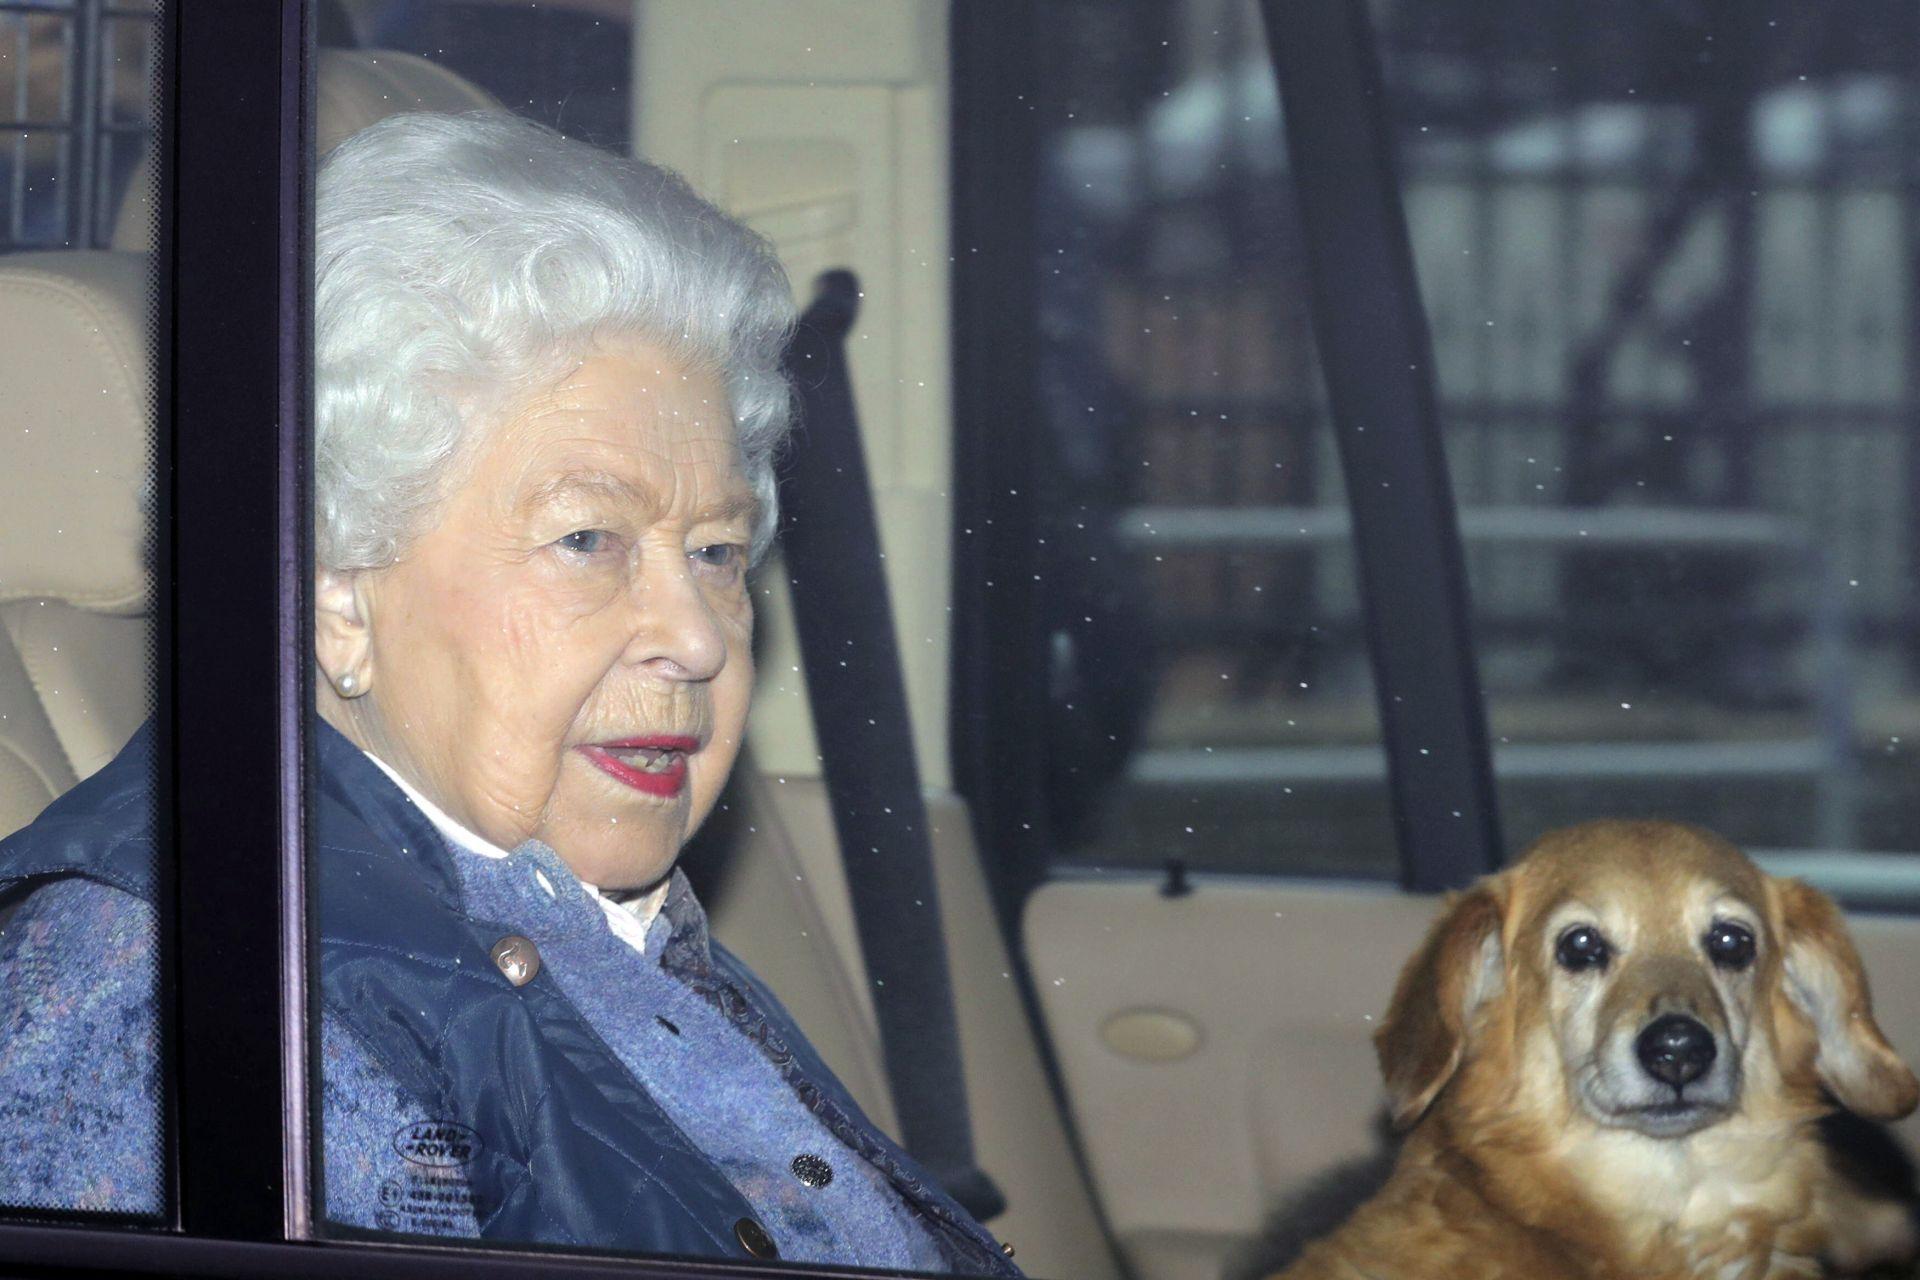 Деветдесет и три годишната кралица напусна Бъкингамския дворец с цел социална дистанция заради коронавируса